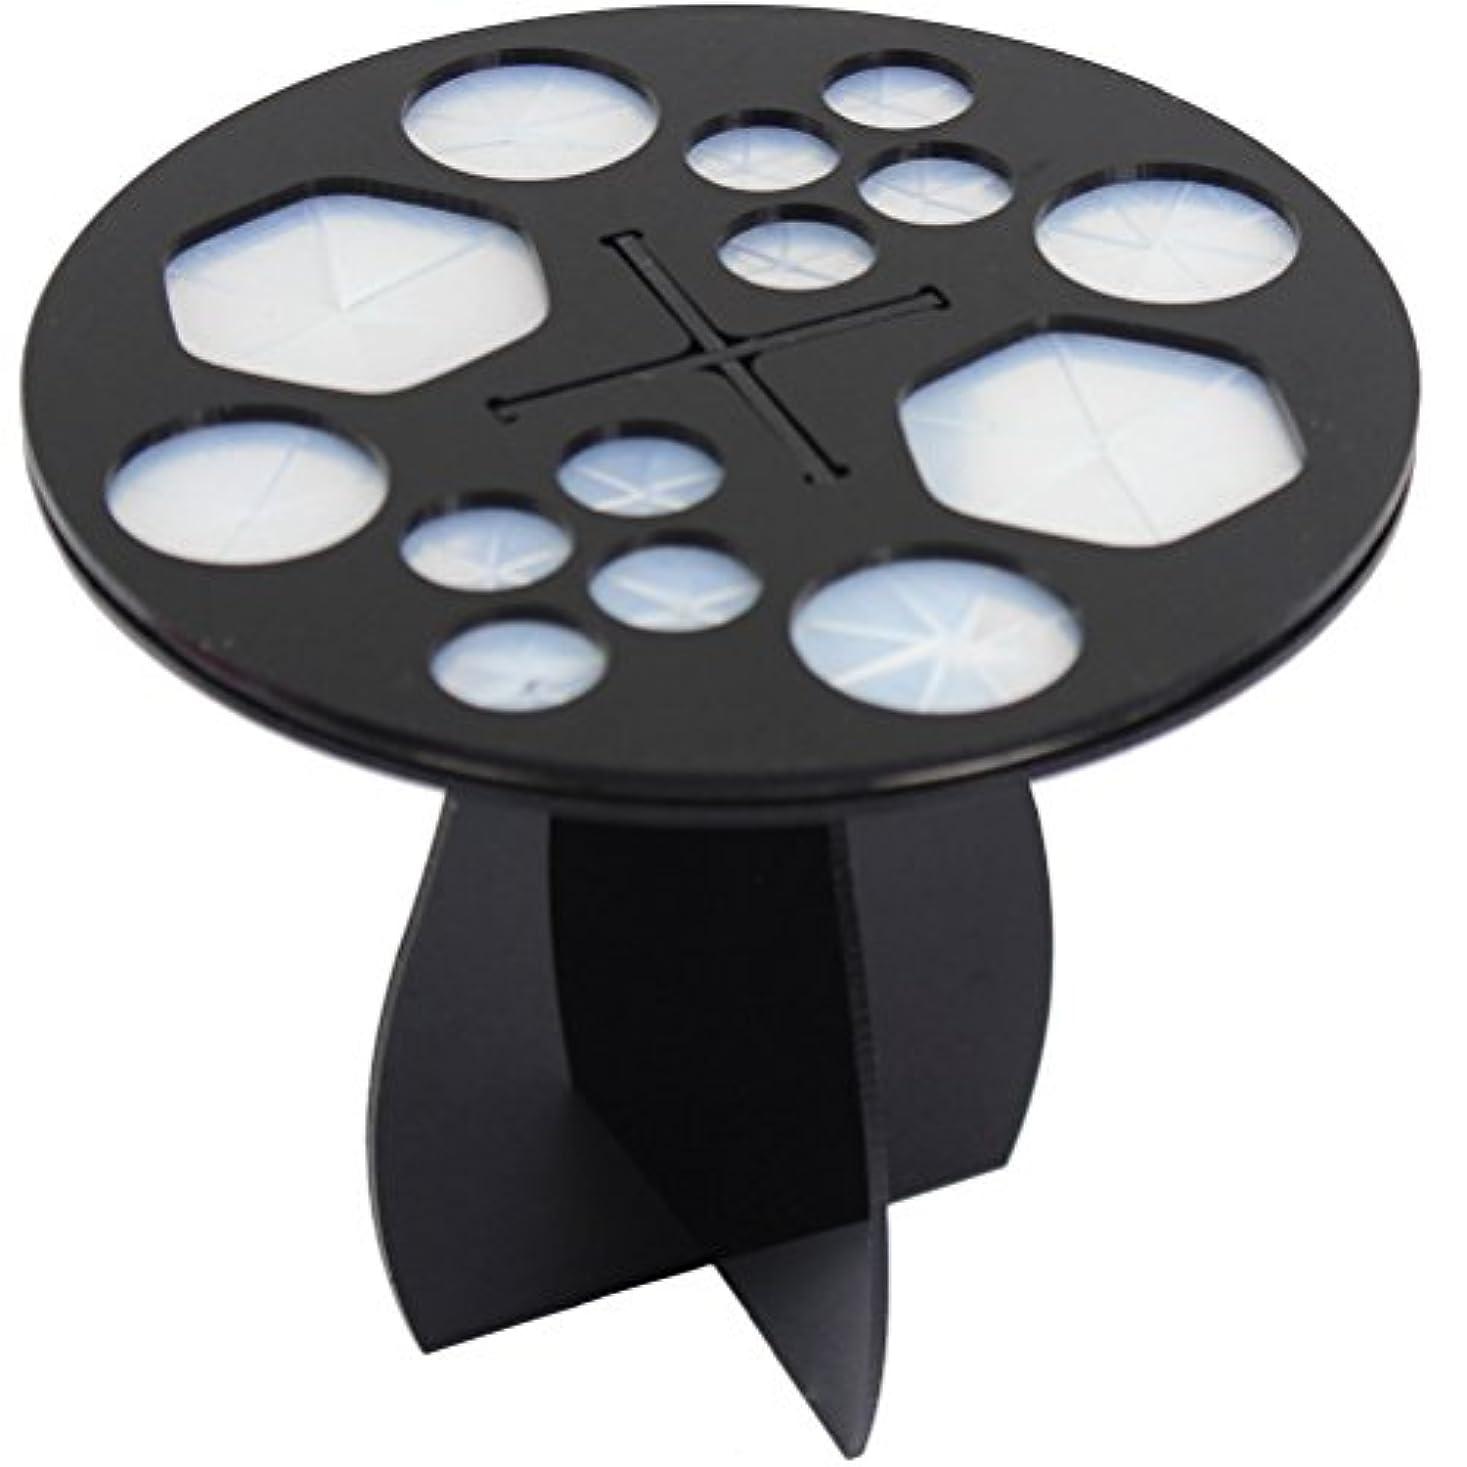 調整変わる心から(メイクアップエーシーシー) MakeupAcc メイクブラシ干しラック ブラシ収納 アクリル乾かすブラシフレーム メイクアップブラシホルダー  ラウンド型 3色 (黒い) [並行輸入品]